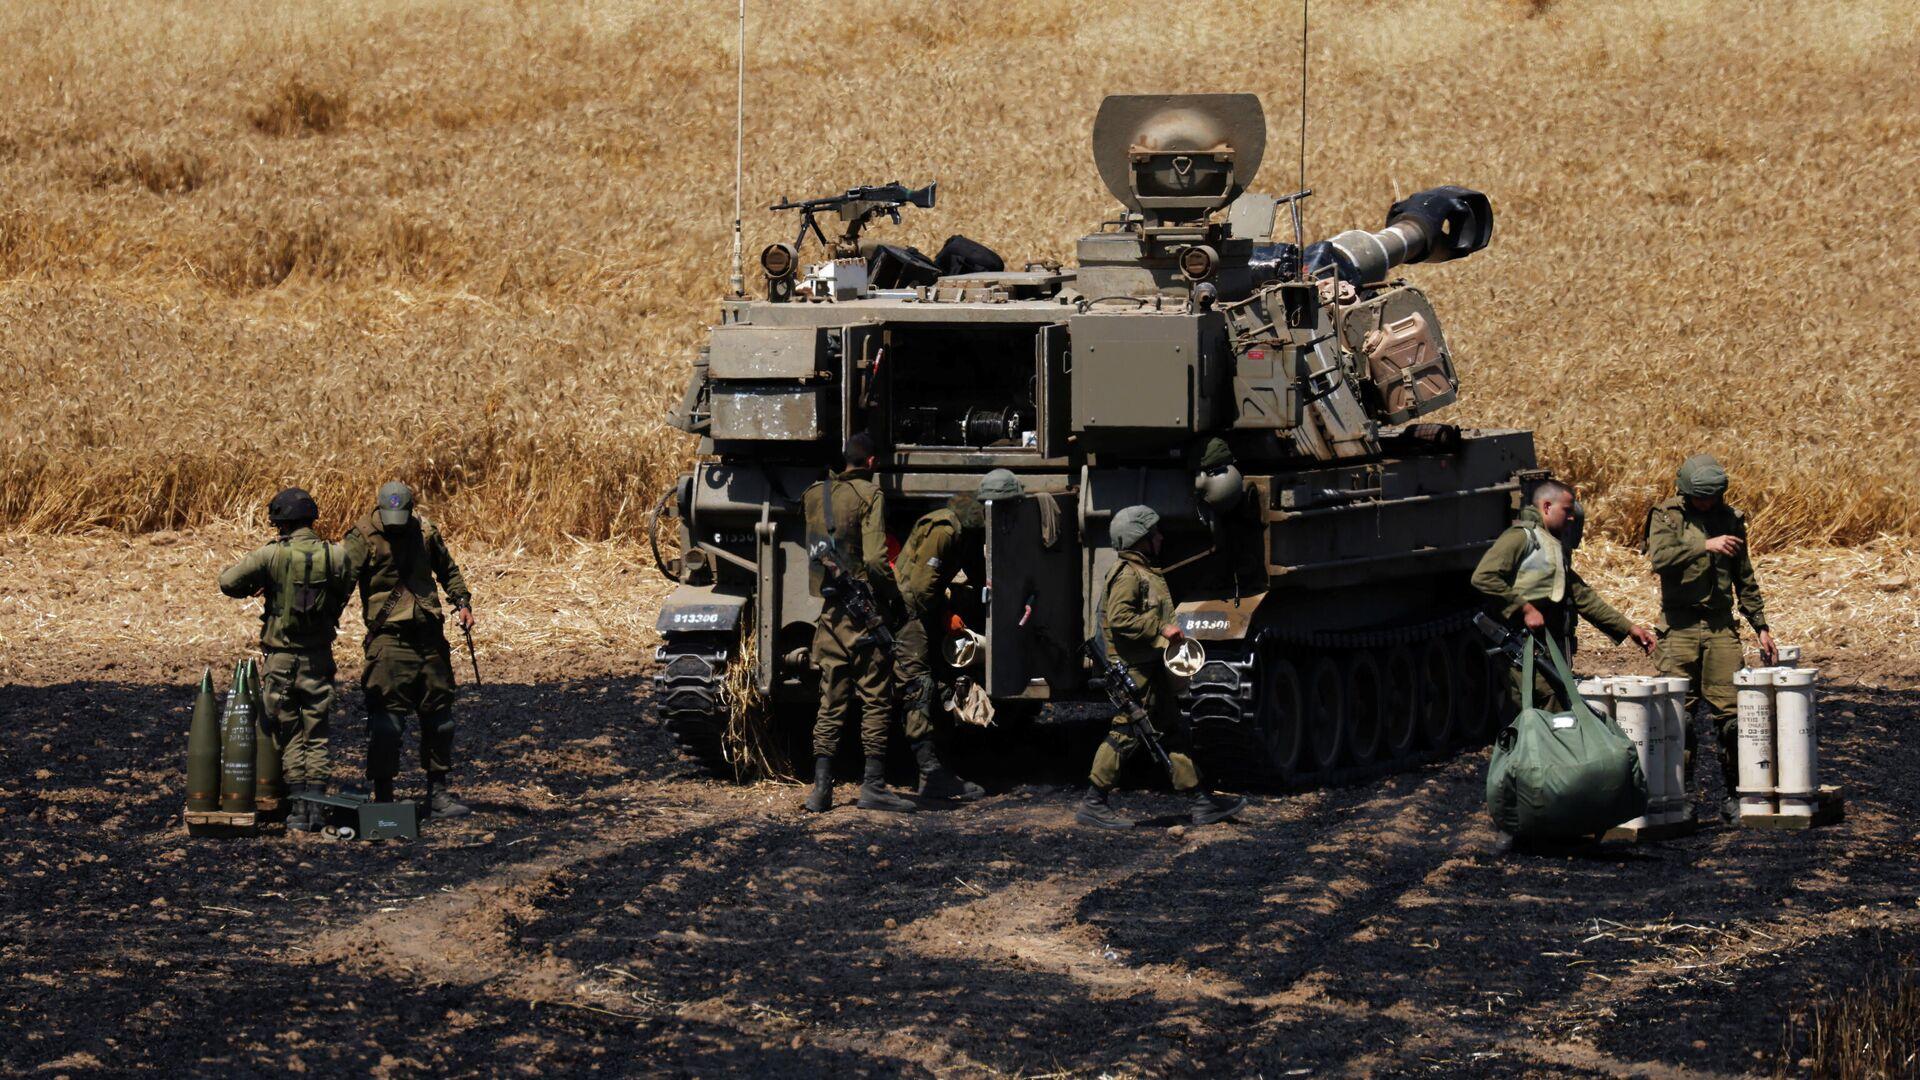 Израильские военнослужащие на границе Израиля и сектора Газа - РИА Новости, 1920, 14.05.2021